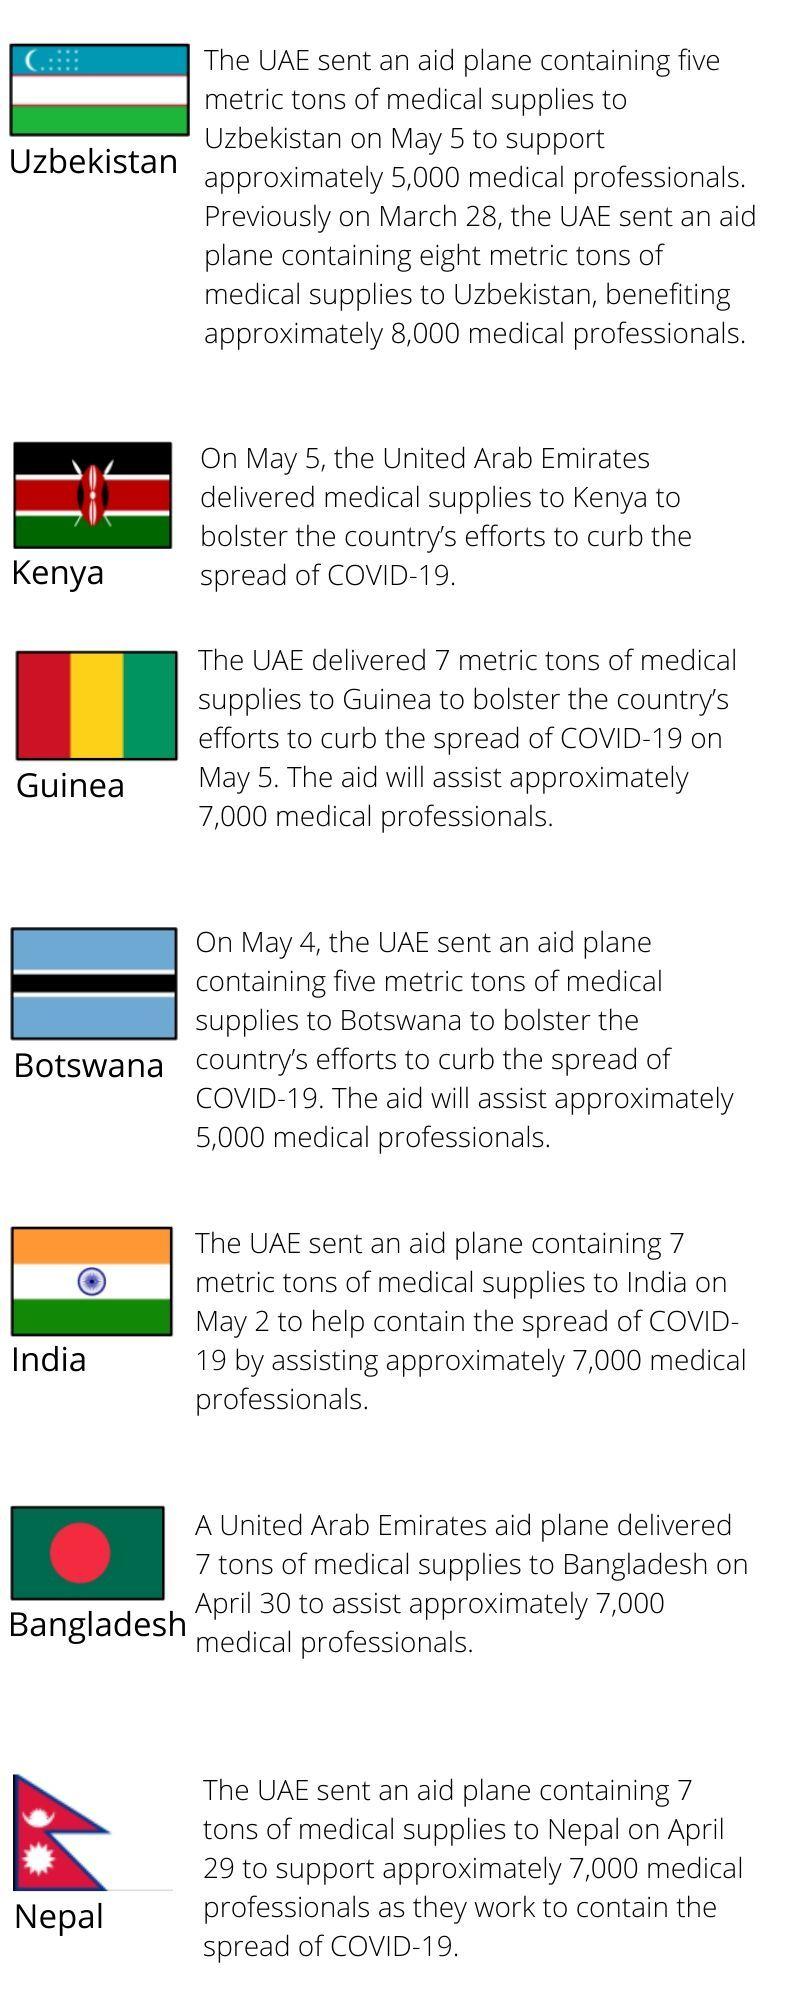 UAE aid __ 7